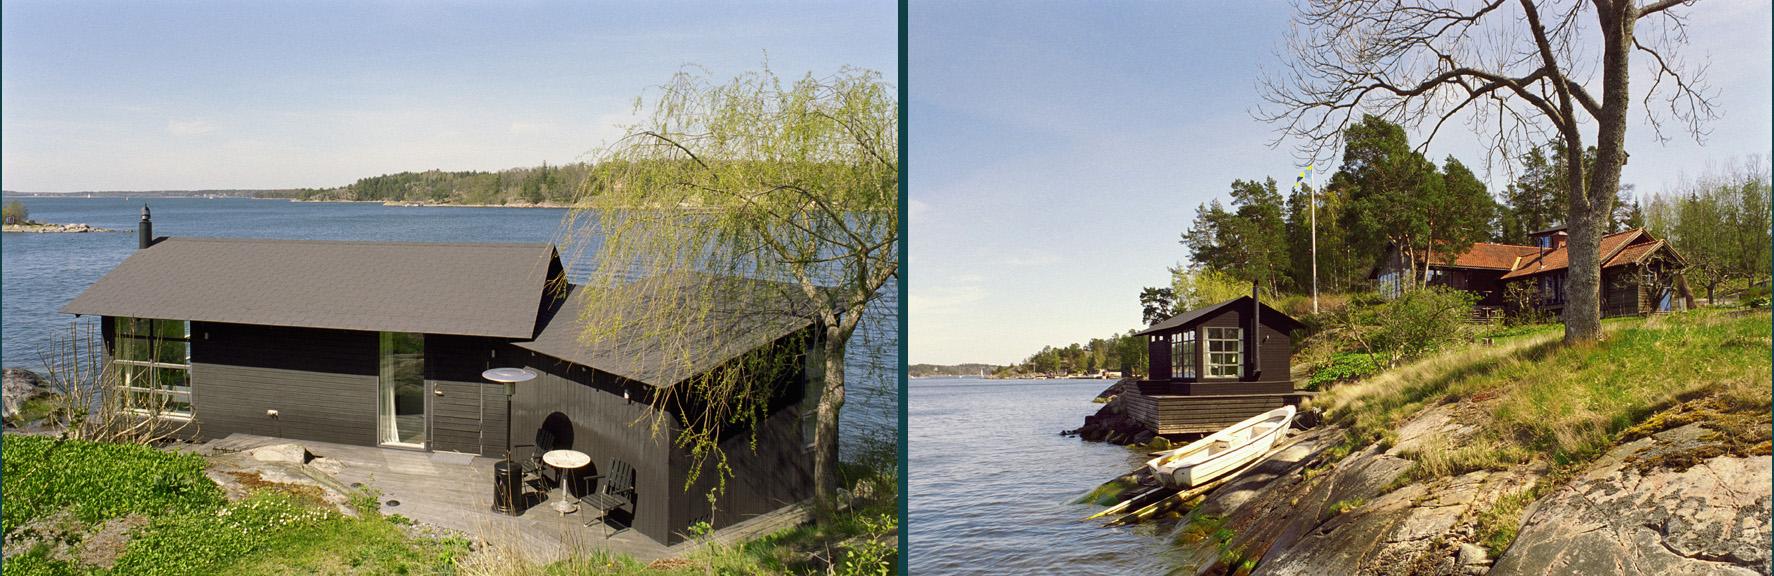 Sjöbodbelägen precis i vattenbrynet, ritat av Rex arkitektbyrå